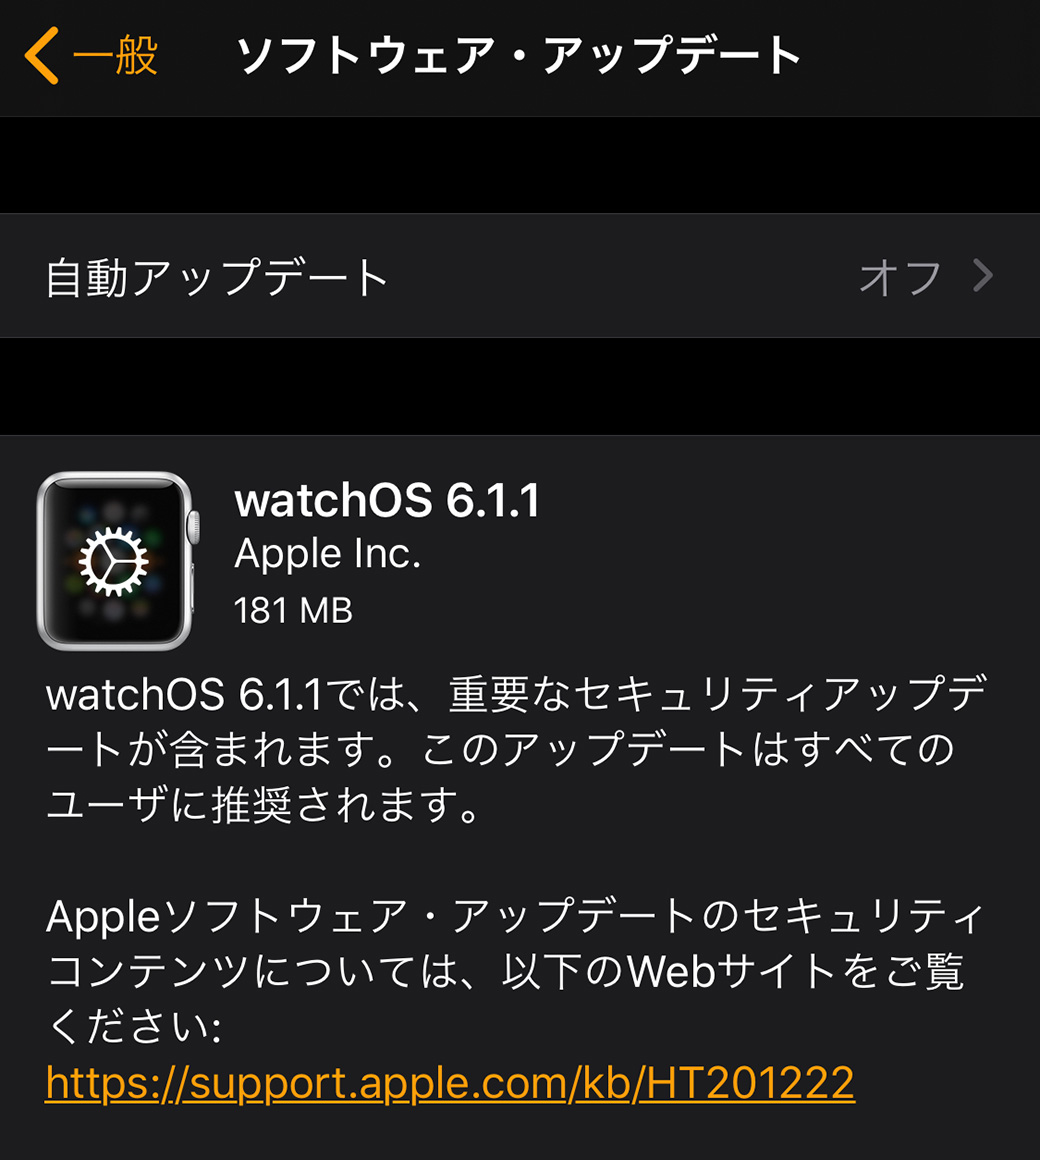 Apple、「watchOS 6.1.1」をリリース ‒ 重要なセキュリティアップデート